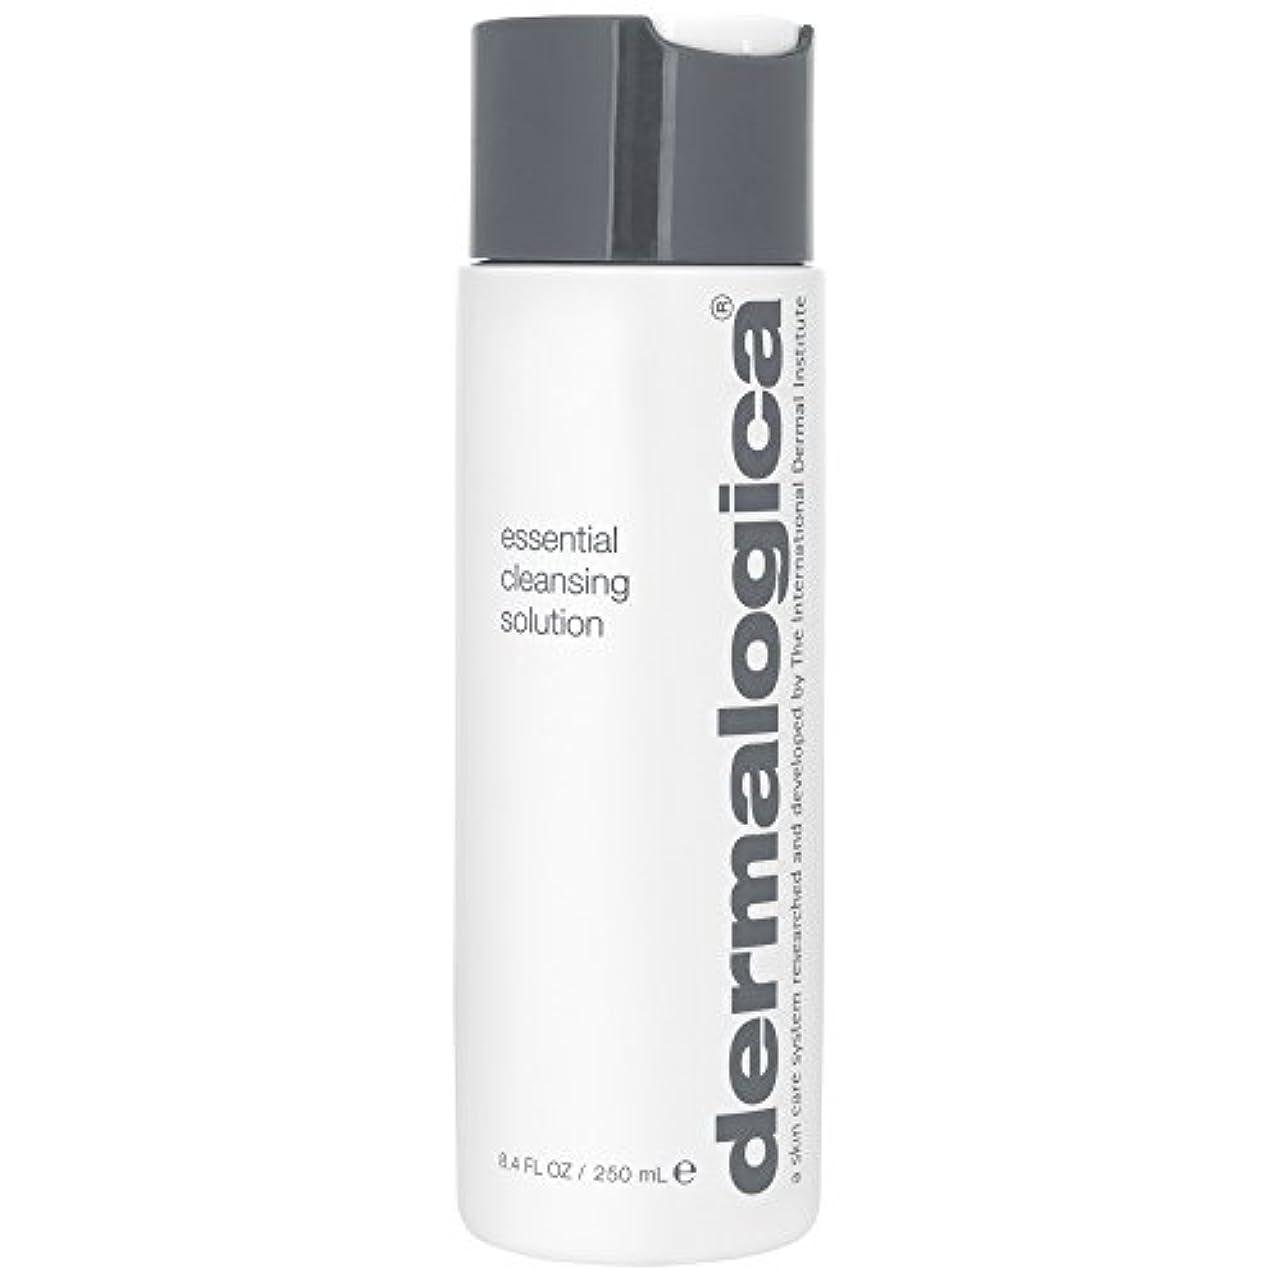 サンダー折るジュースダーマロジカ不可欠な洗浄液の250ミリリットル (Dermalogica) (x6) - Dermalogica Essential Cleansing Solution 250ml (Pack of 6) [並行輸入品]